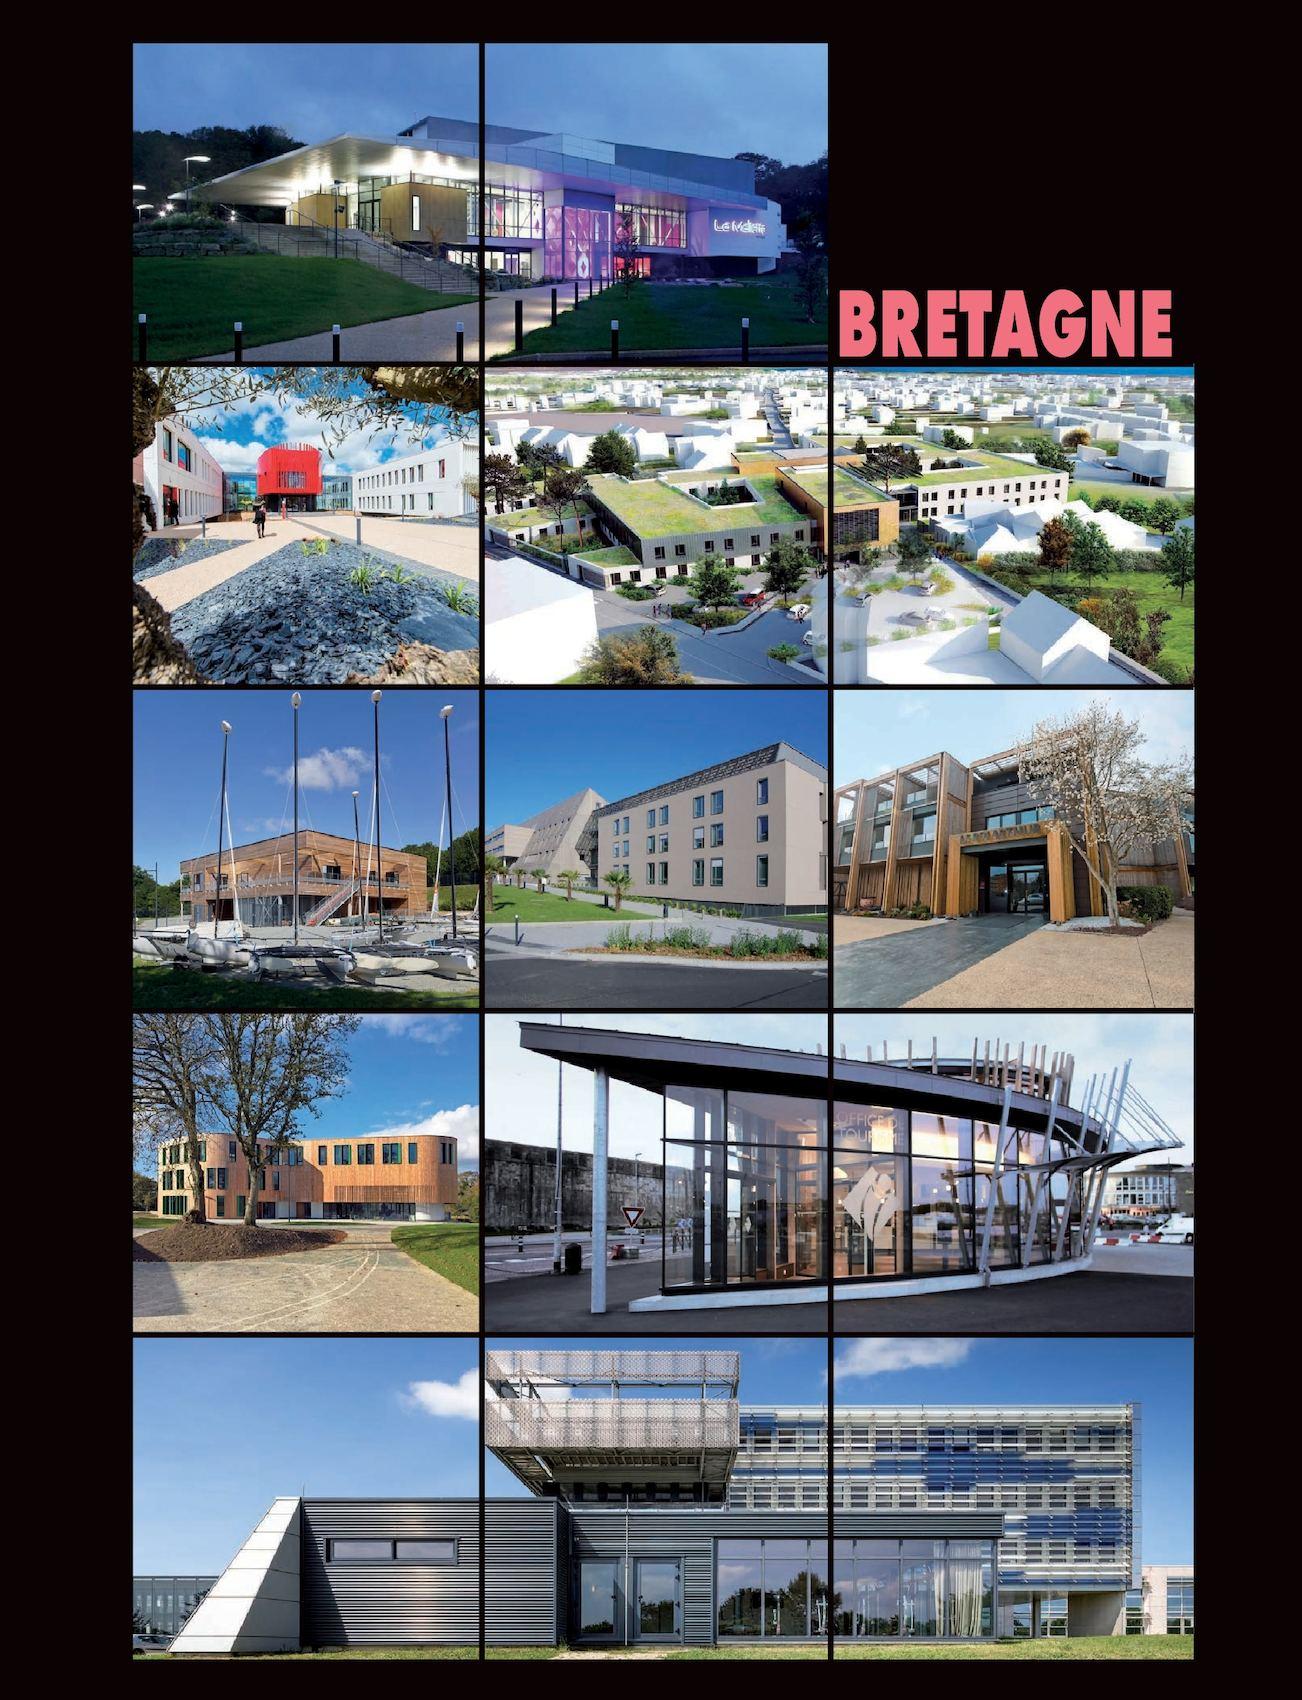 Calam o l 39 architecture de votre region bretagne 283 for O architecture brest